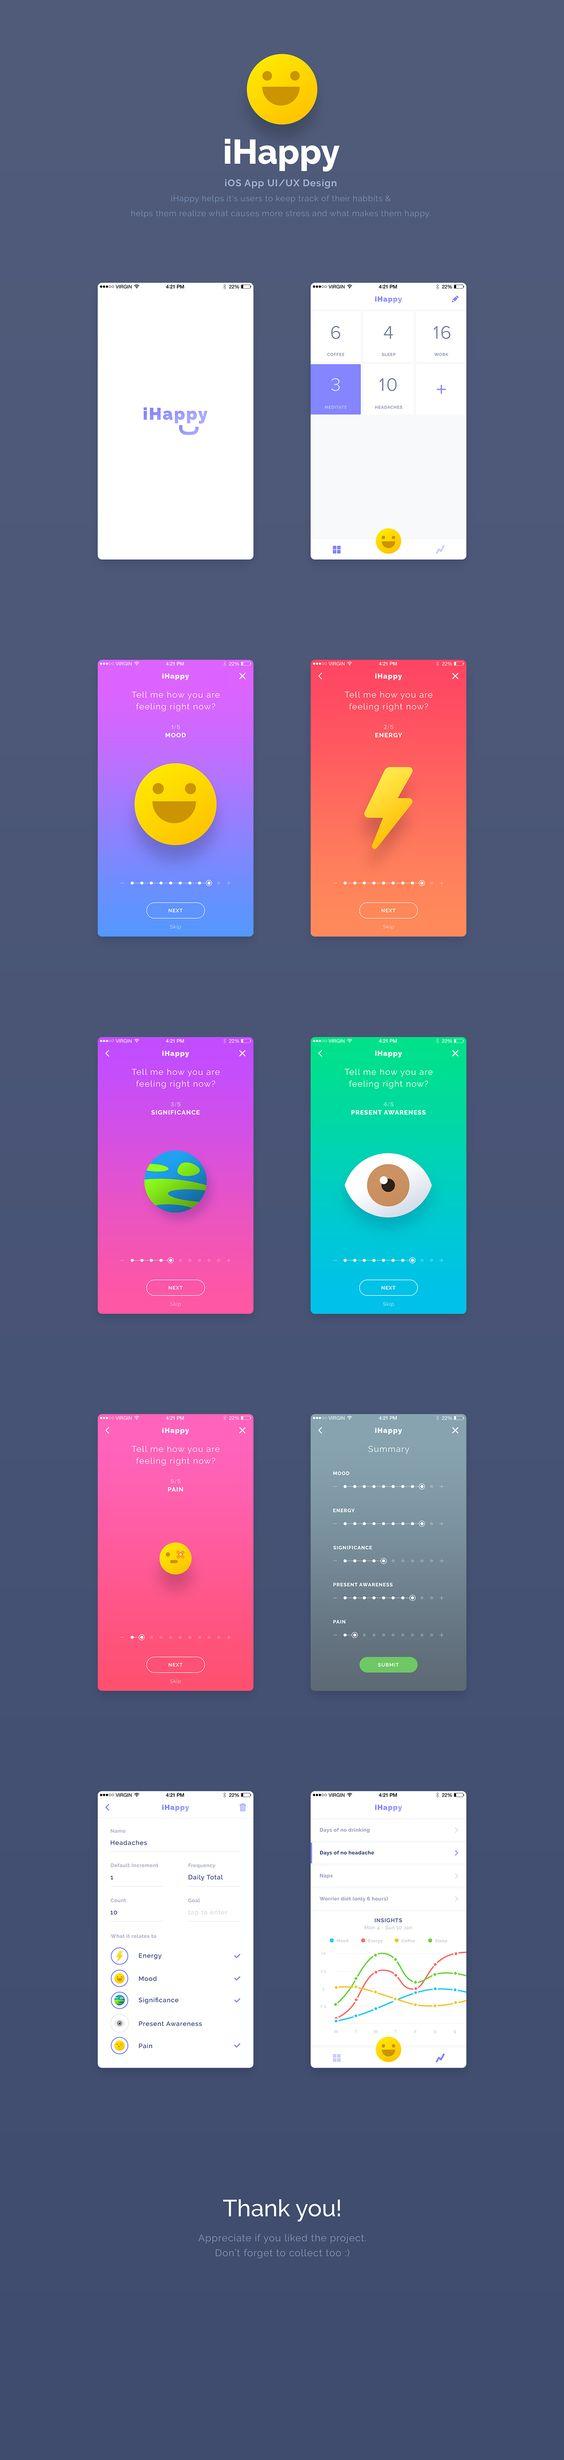 iHappy | iOS App UI/UX Design on Behance